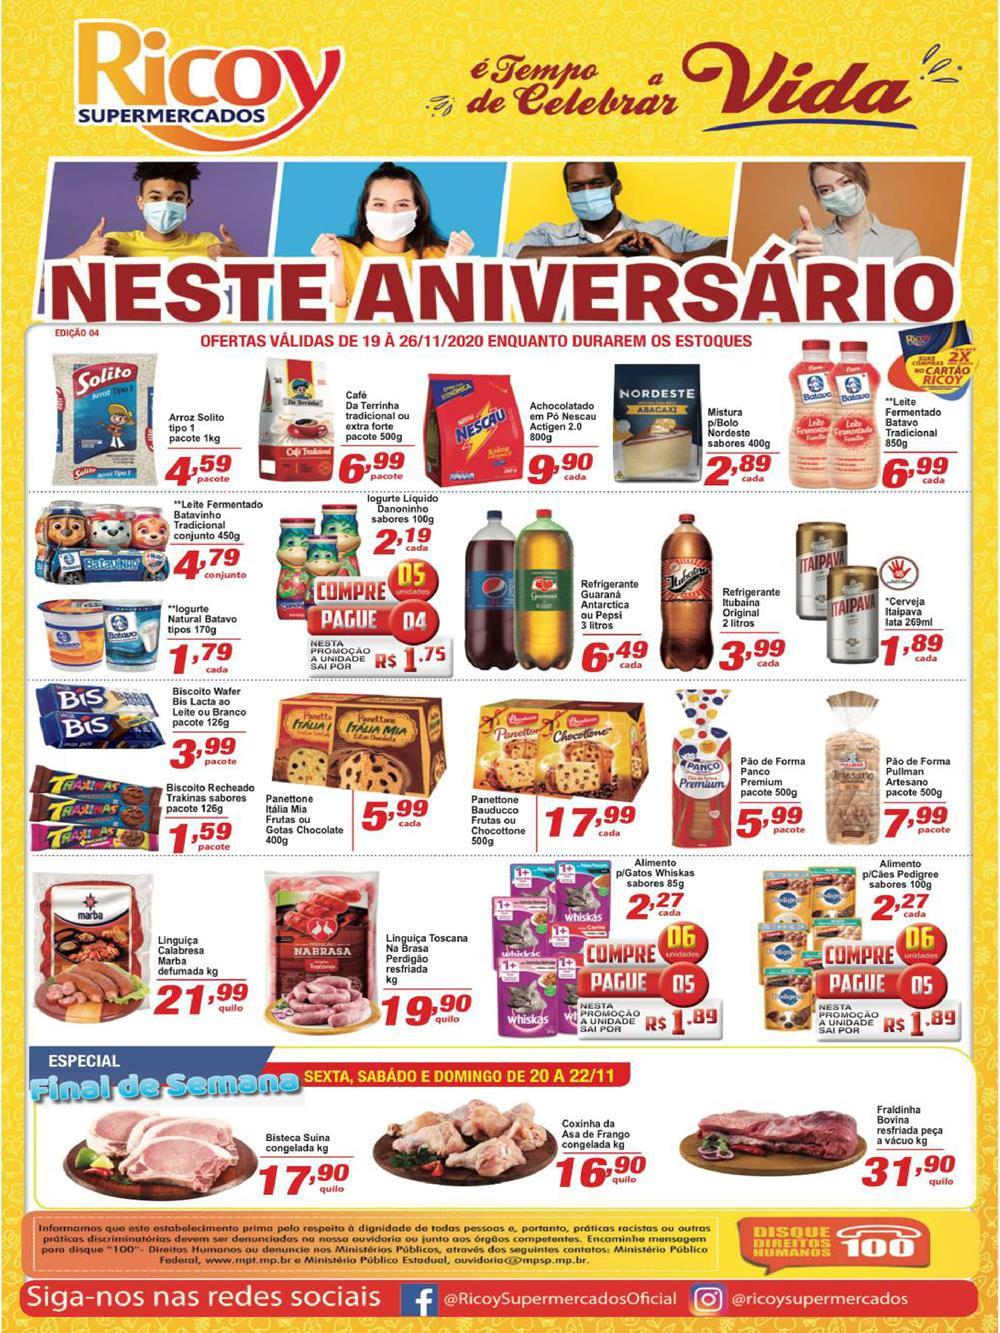 ricoy-ofertas-descontos-hoje1-6 Black Friday Supermercados